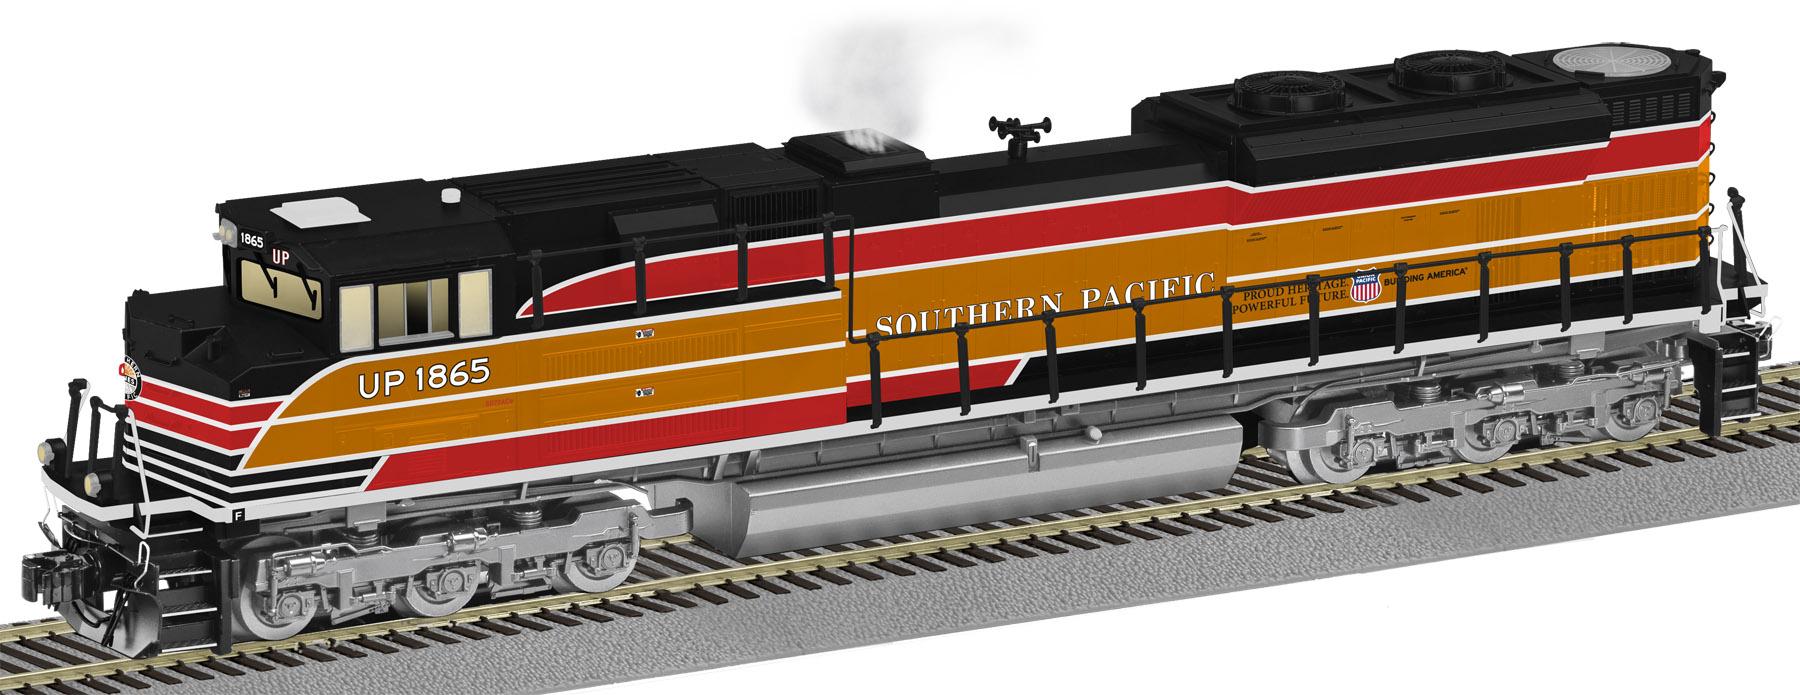 Drawn railroad union pacific train Southern Pacific History Lionel Page